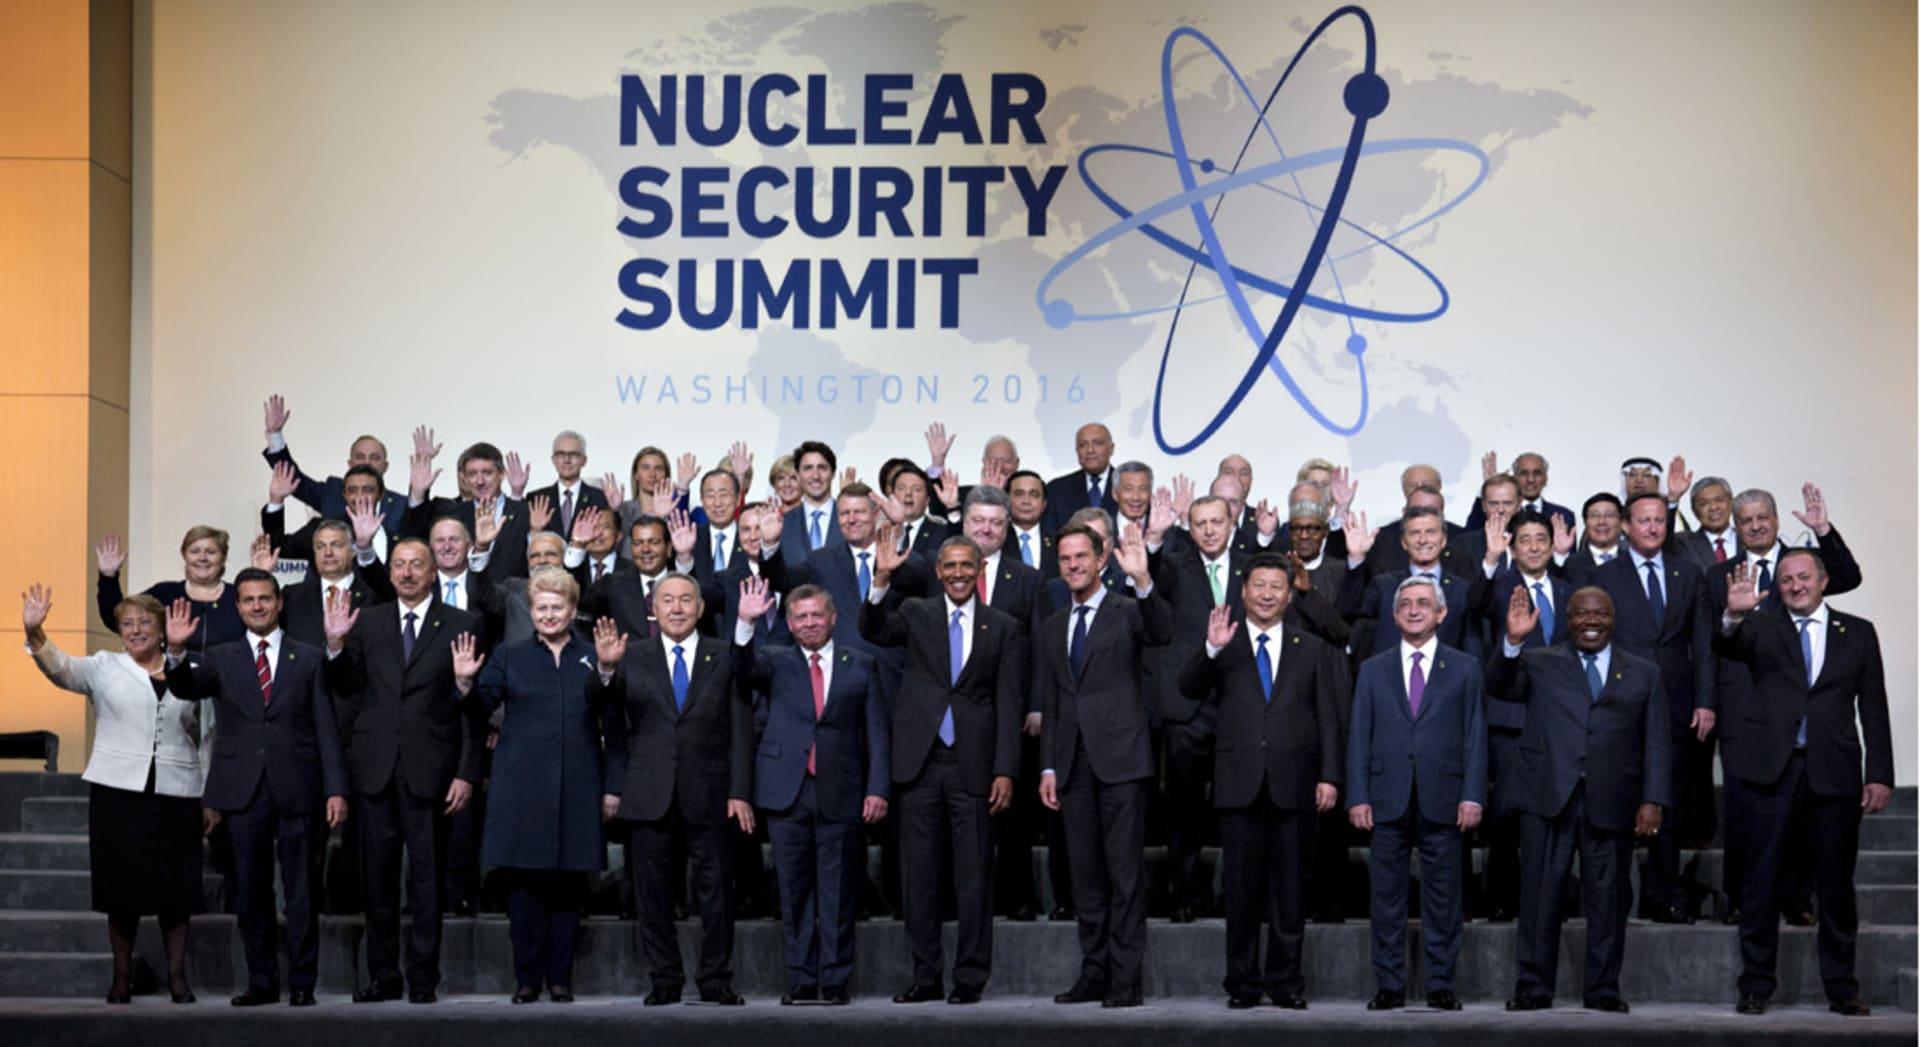 """أوباما يحذر من وصول """"داعش"""" والإرهابيين إلى الأسلحة النووية: مجانين سيقتلون أكبر عدد ممكن من الأبرياء"""